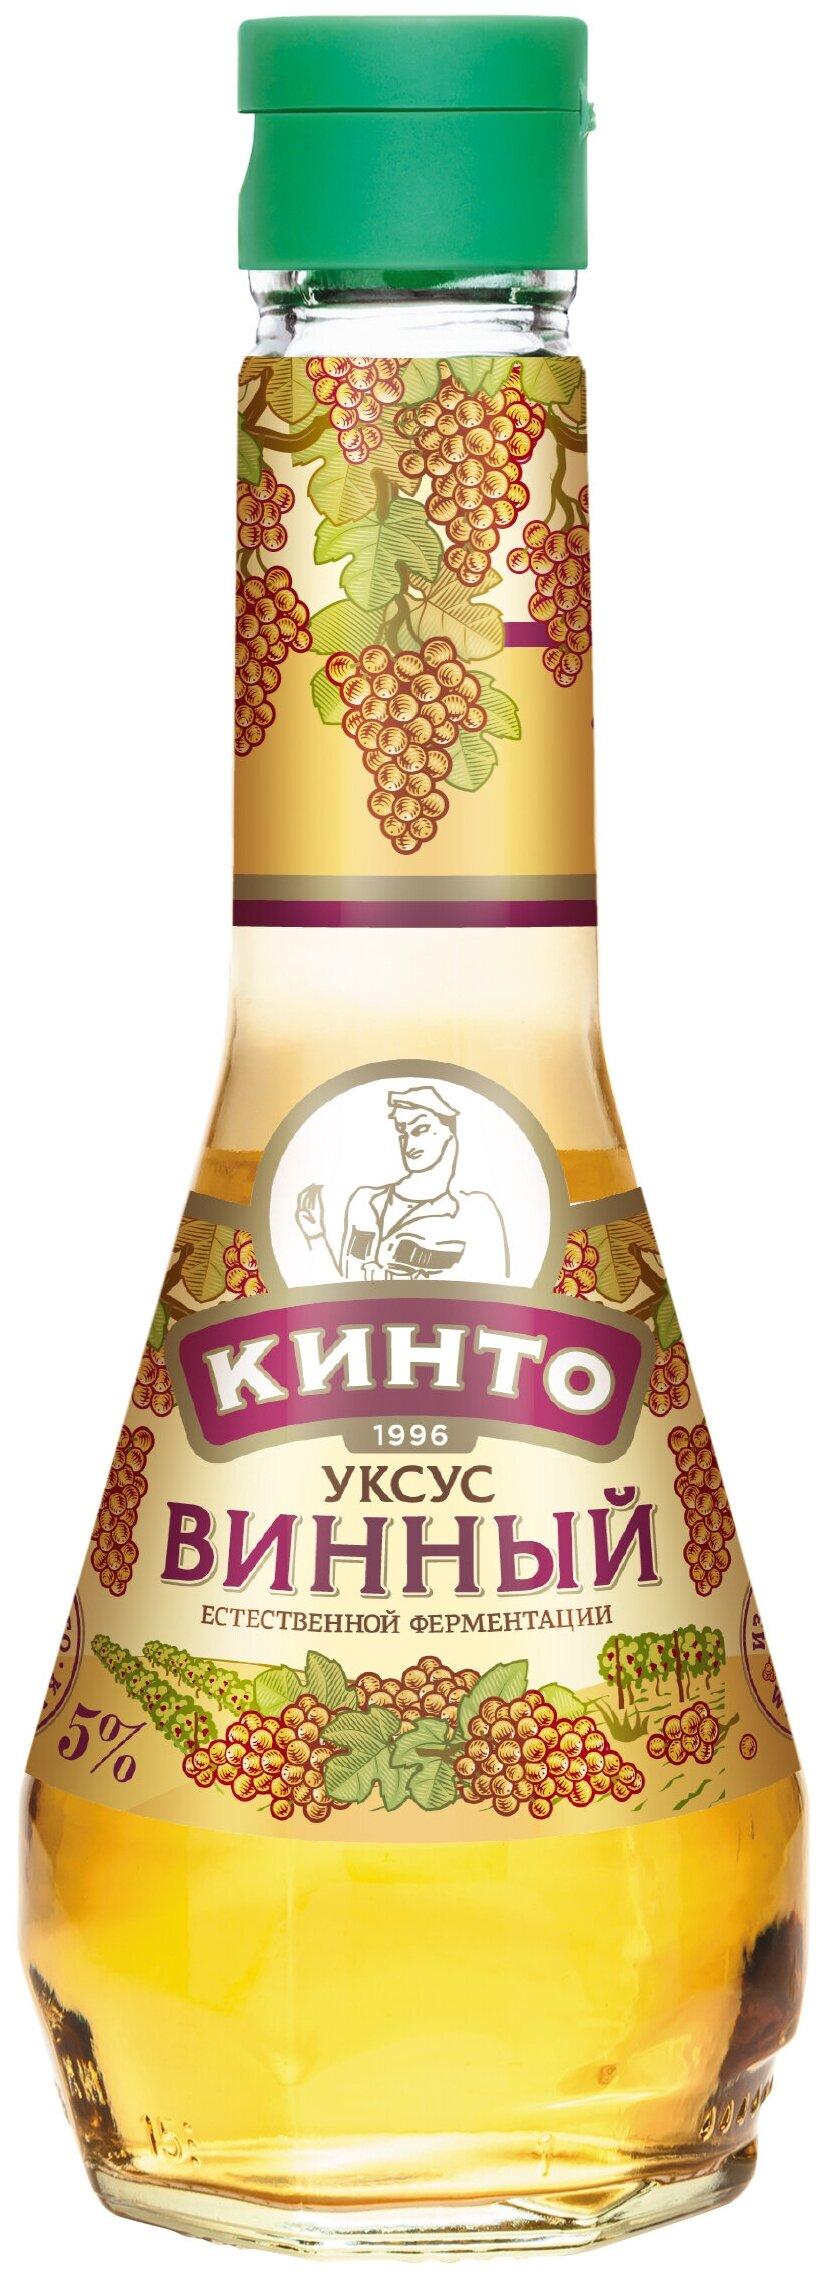 Уксус КИНТО Винный из белого вина 6% — купить по выгодной цене на Яндекс.Маркете